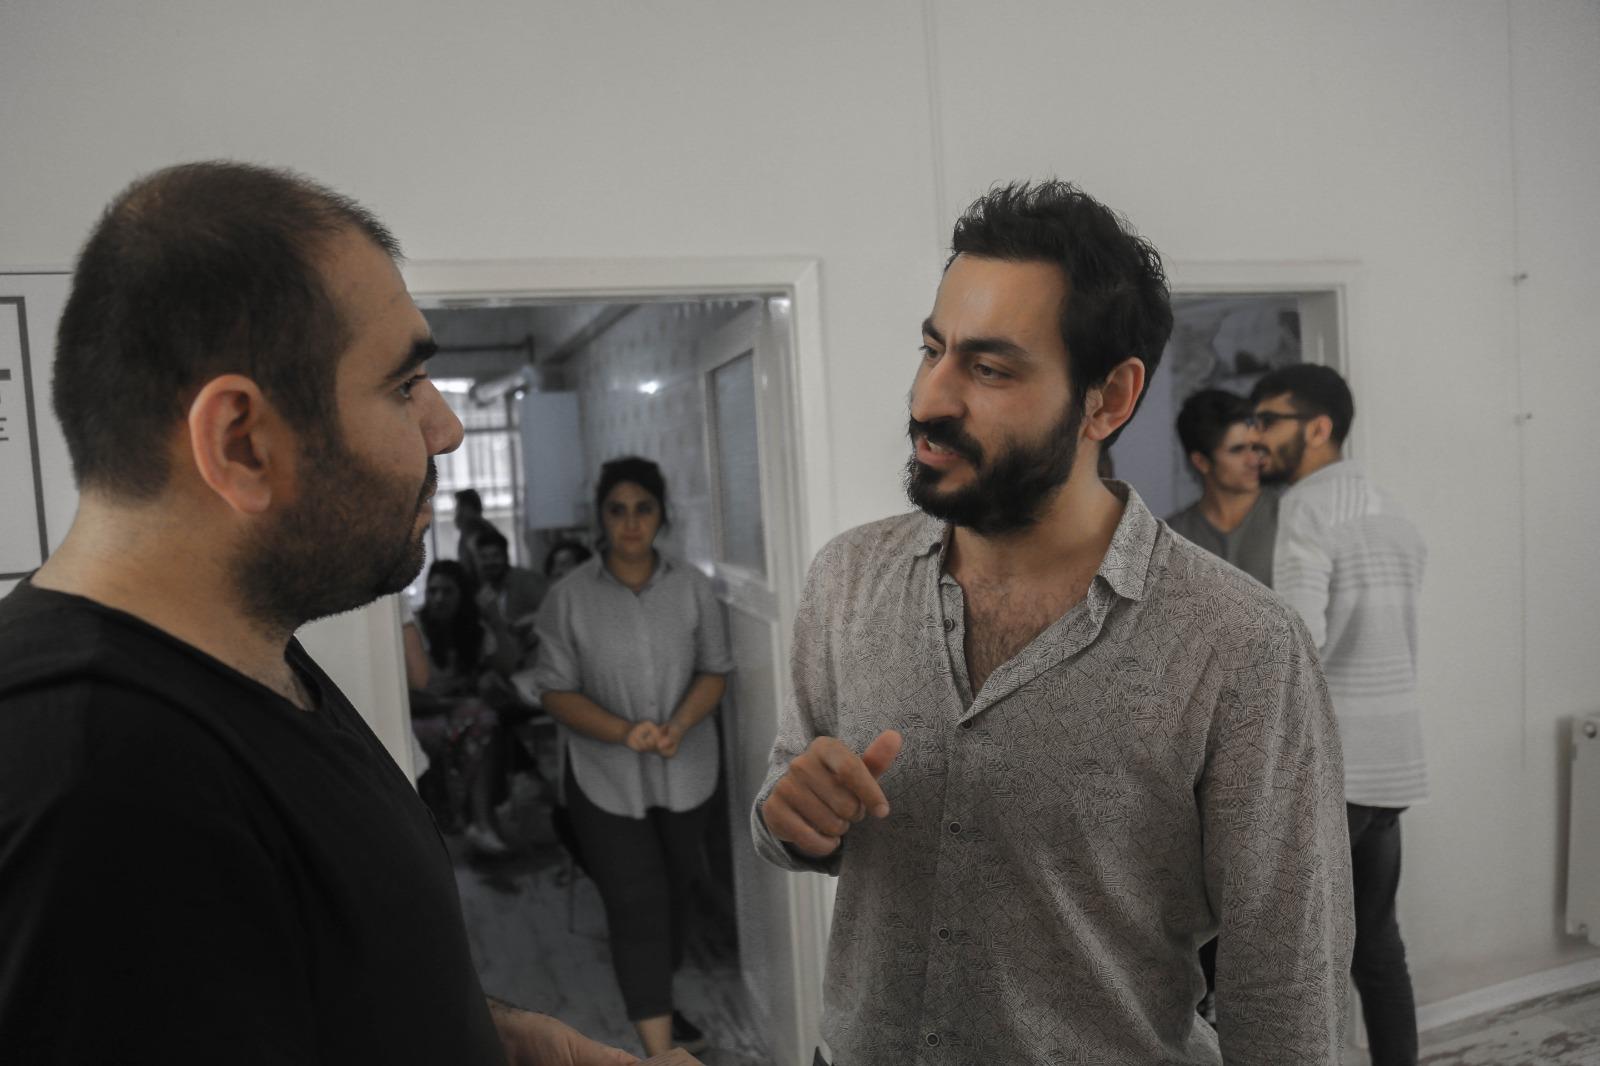 Fırat Genç İhya, Hizmet, Islah 2000'Lerde Diyarbakır'da Mekan Politikası